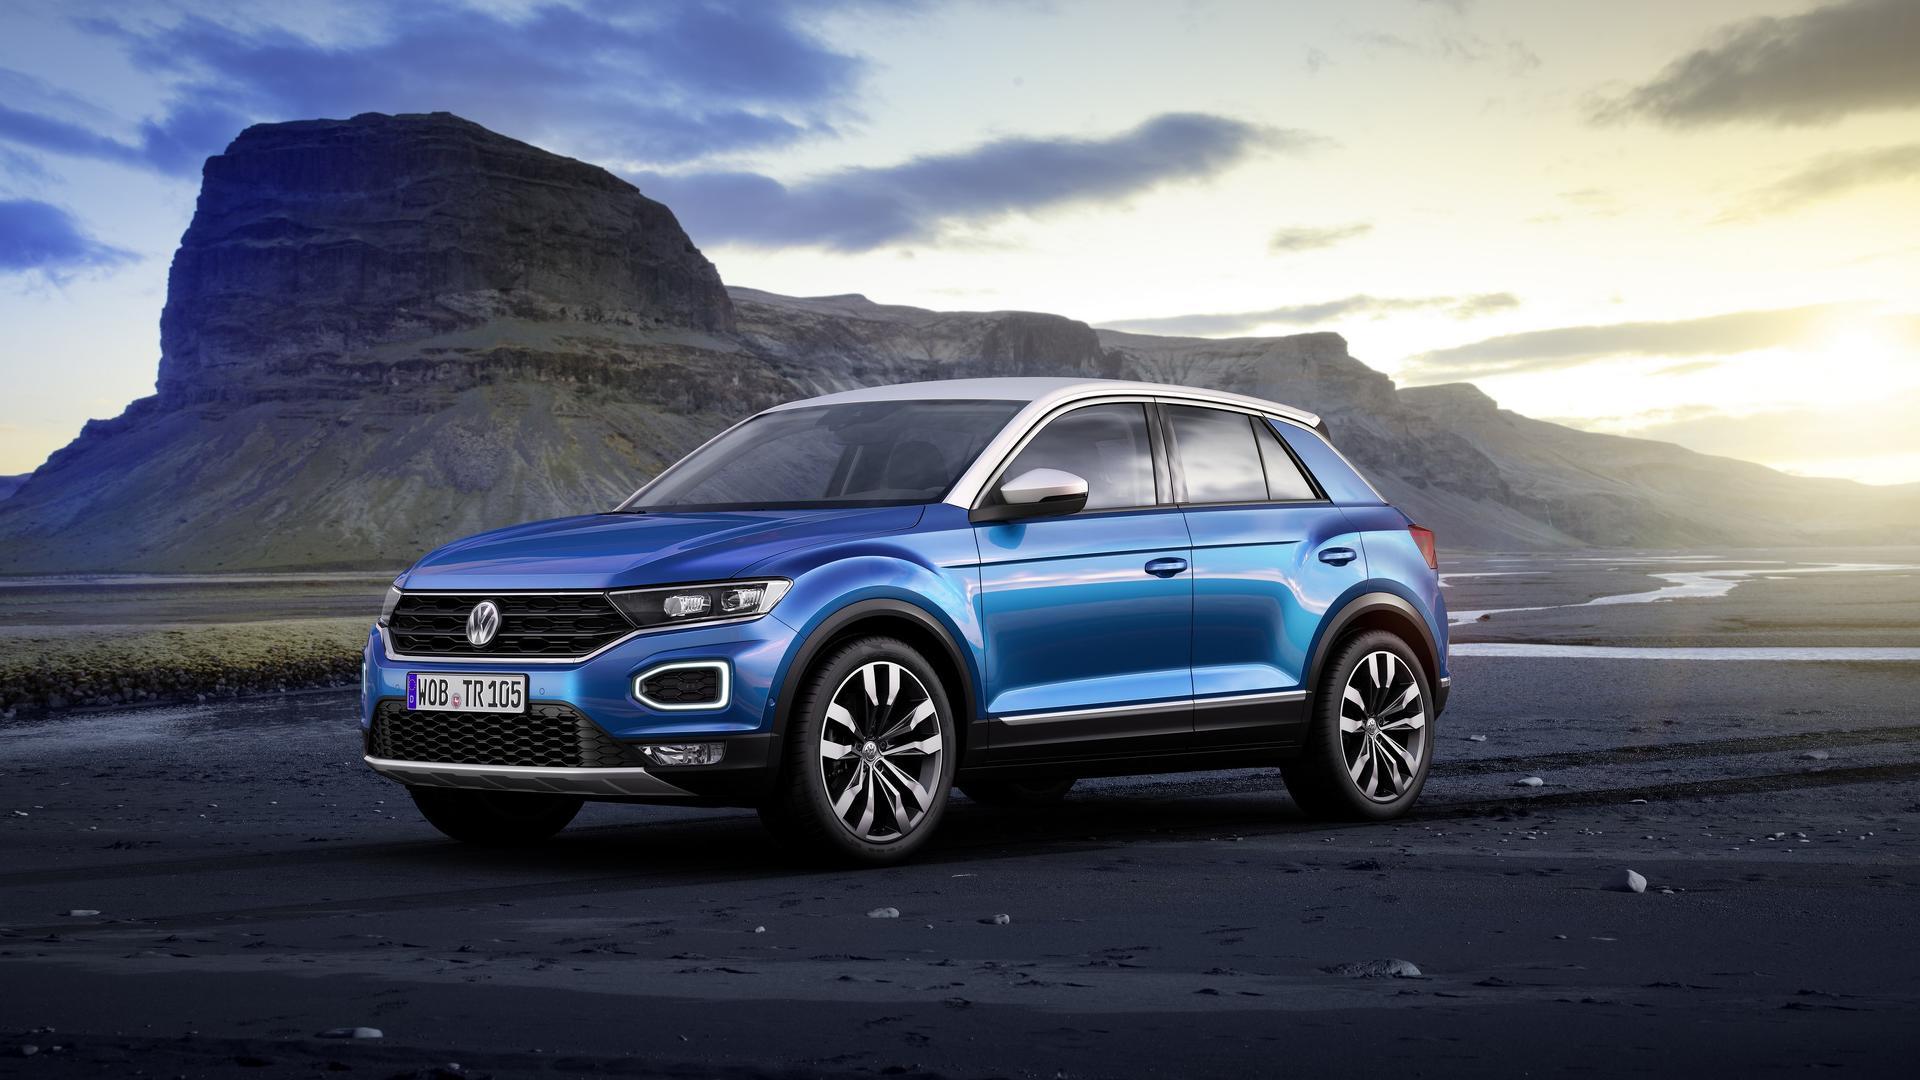 Mini Supercars For Sale >> Volkswagen Reveals New T-Roc SUV